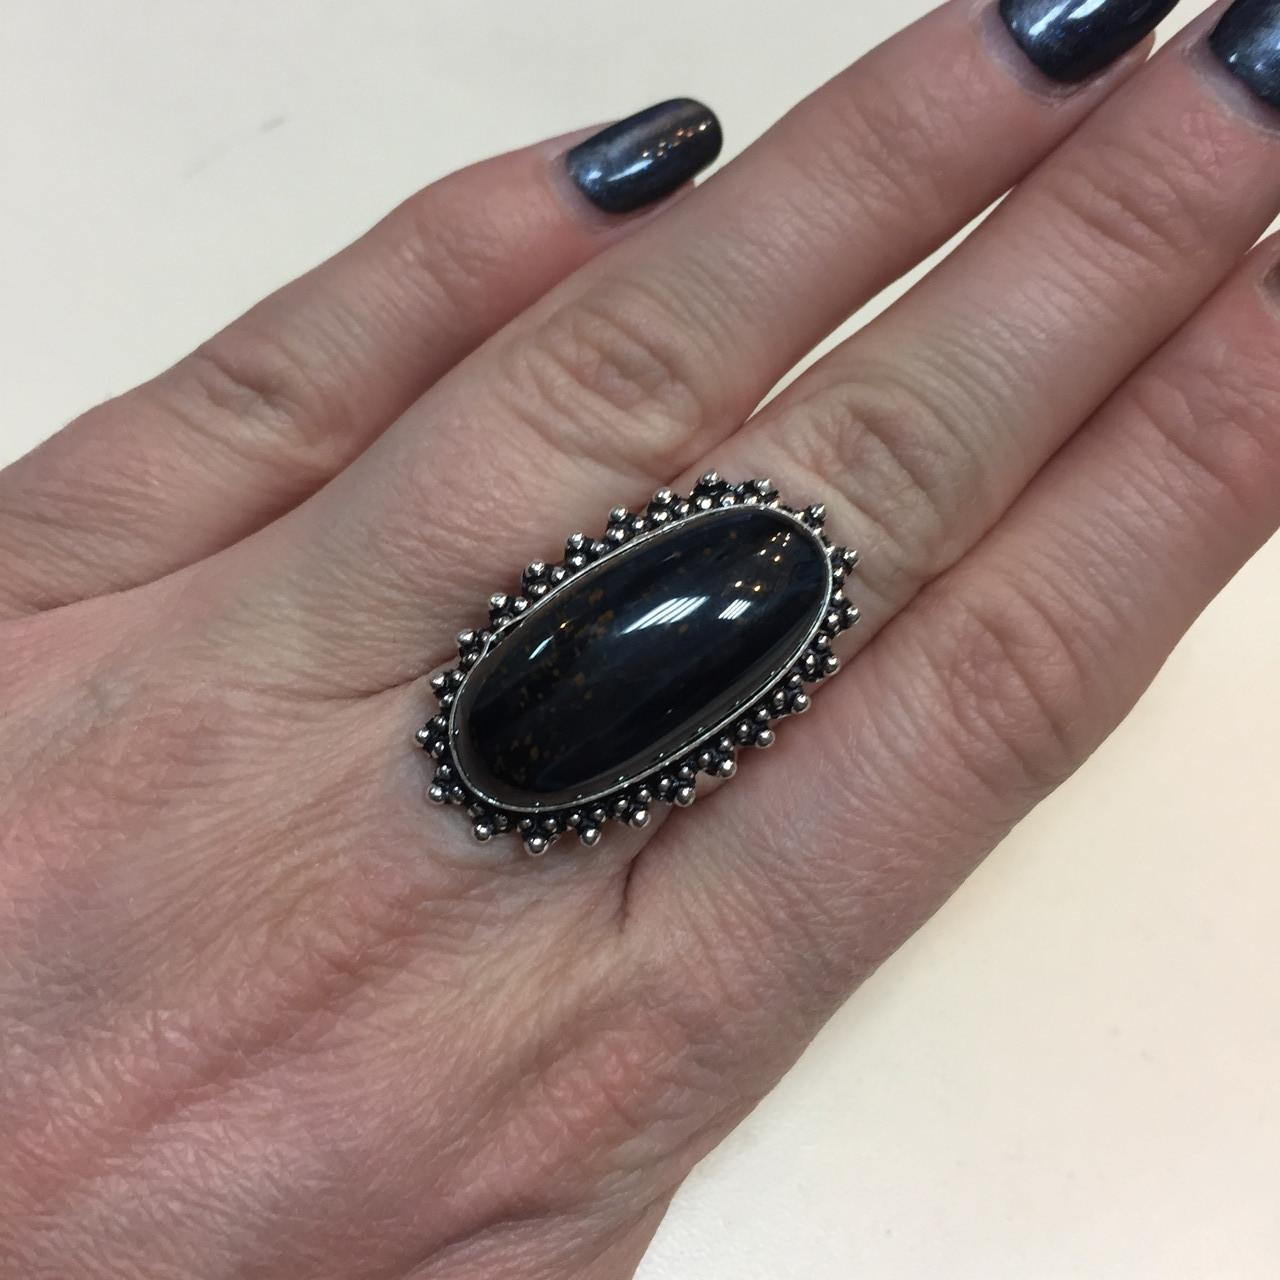 Соколиный глаз питерсит овальное кольцо с соколиным глазом питерситом 16.5-17 размер Индия